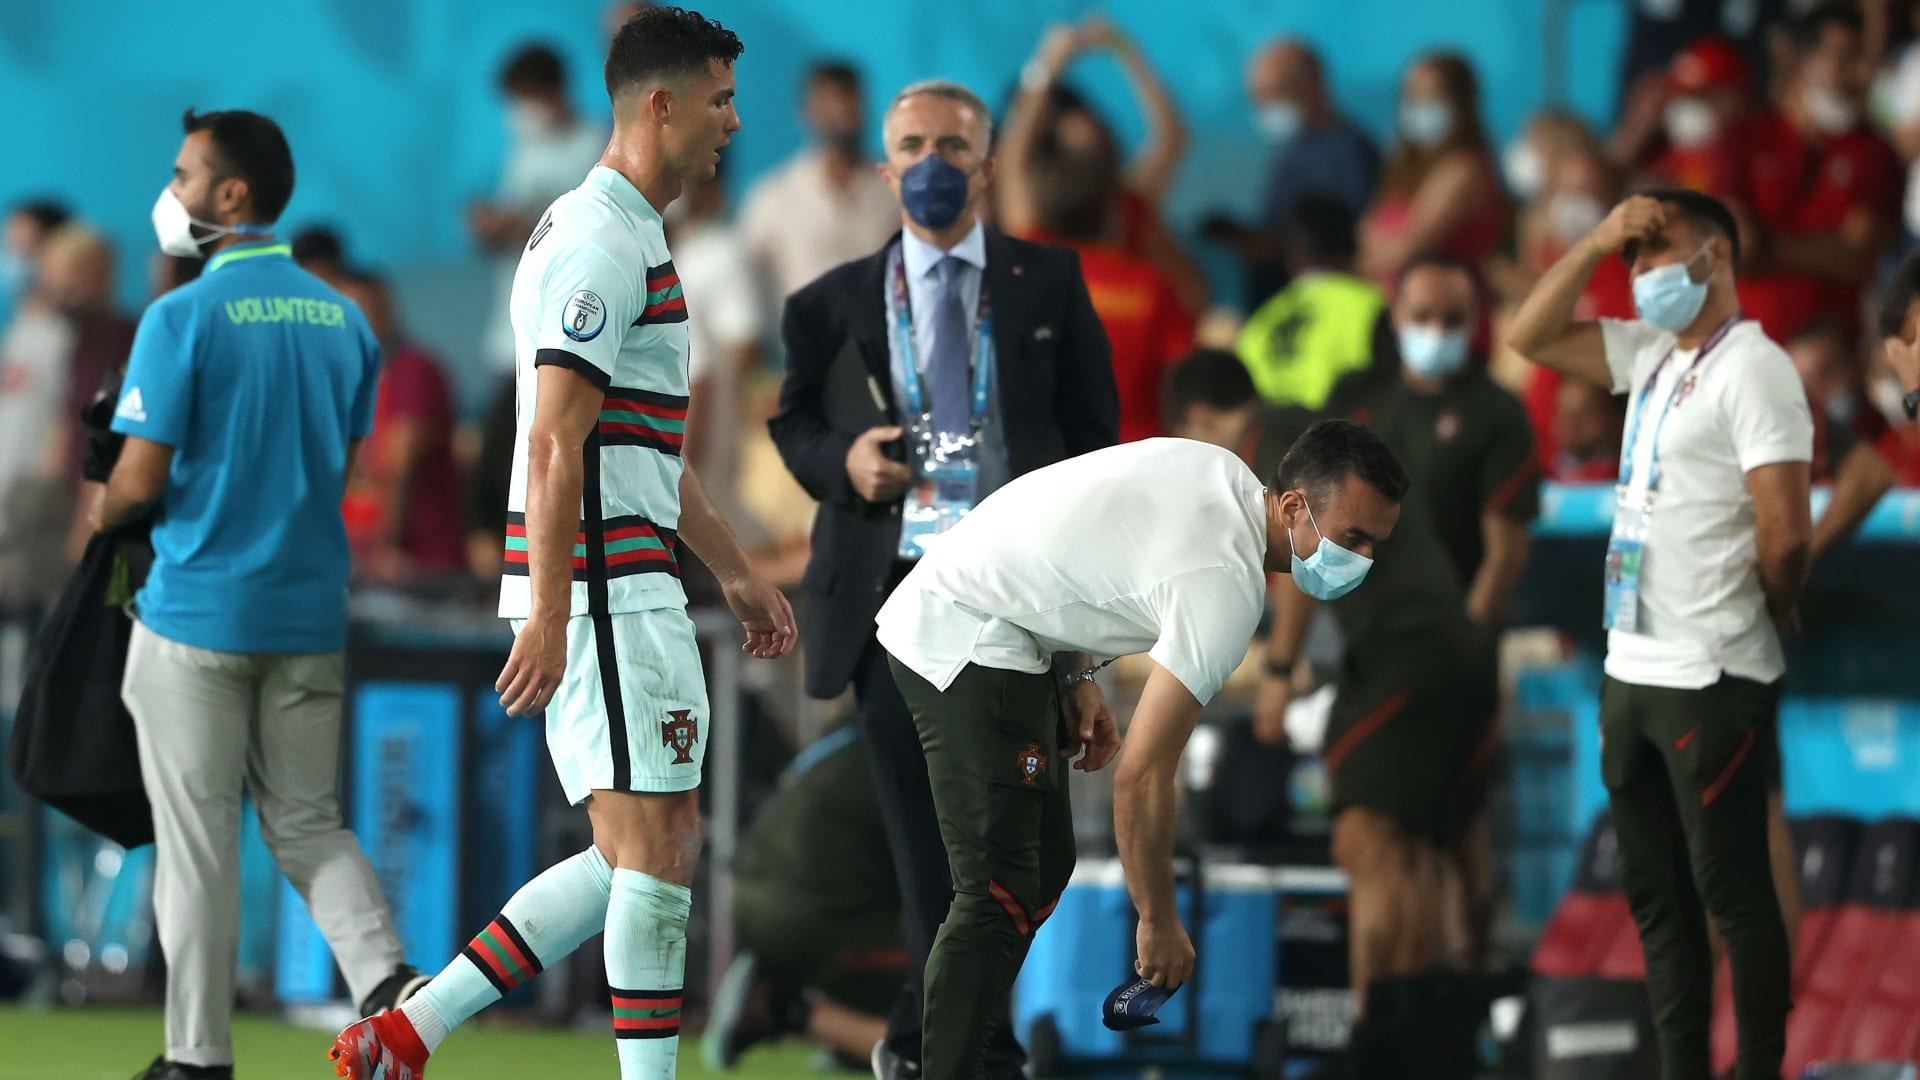 للمرة الثانية منذ 4 أشهر.. رونالدو يشعل غضب مشجعي البرتغال بعد الخسارة أمام بلجيكا